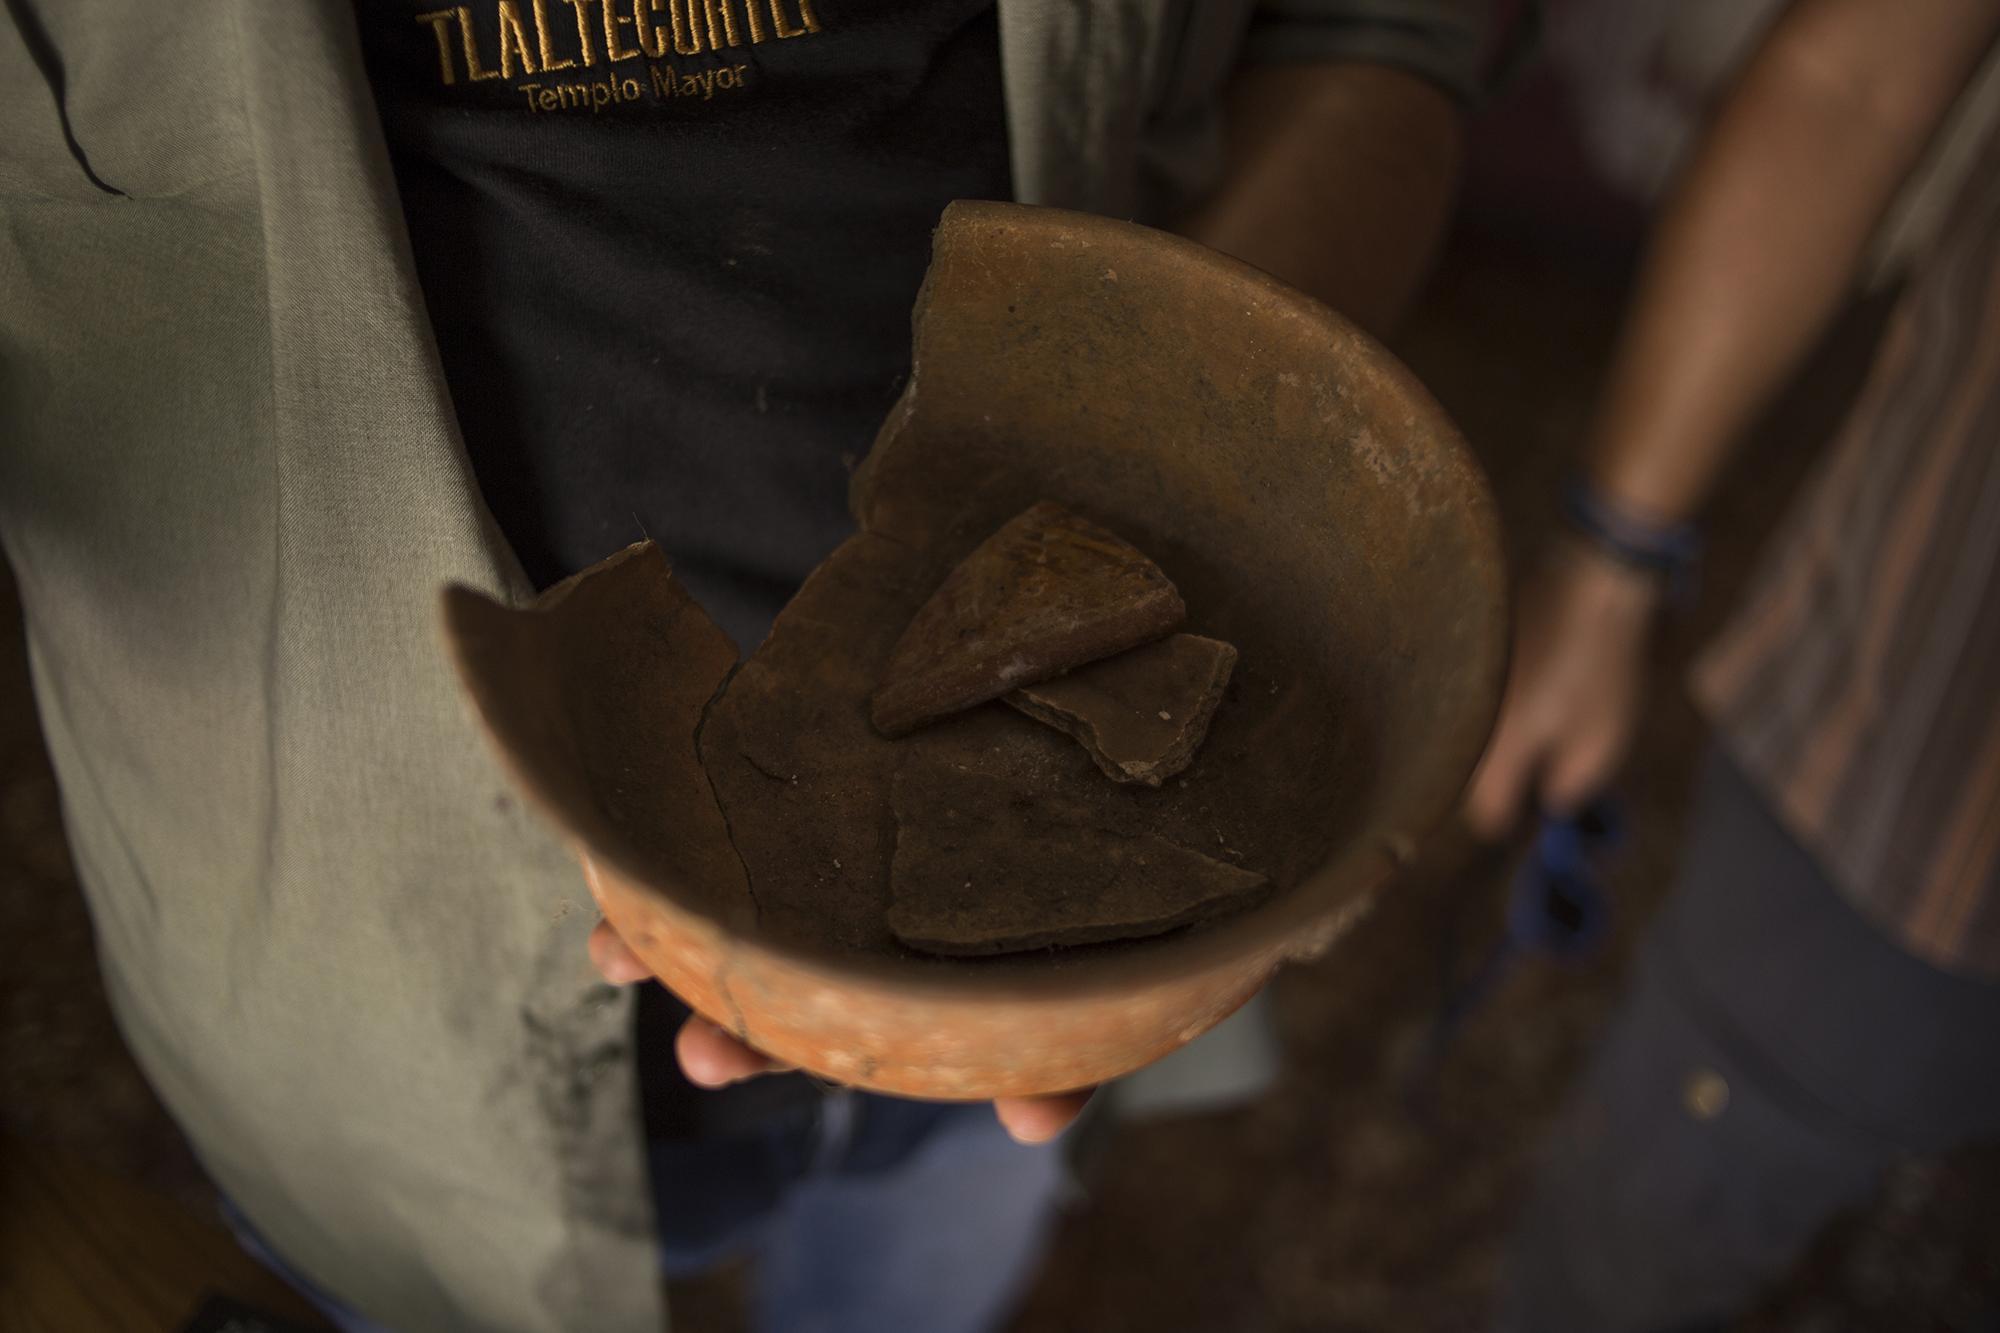 Piezas arqueológicas, patrimonio de Tacuscalco, un sitio que ha sido devastado por la constructora Fénix de Salazar Romero, en el municipio de Nahulingo.